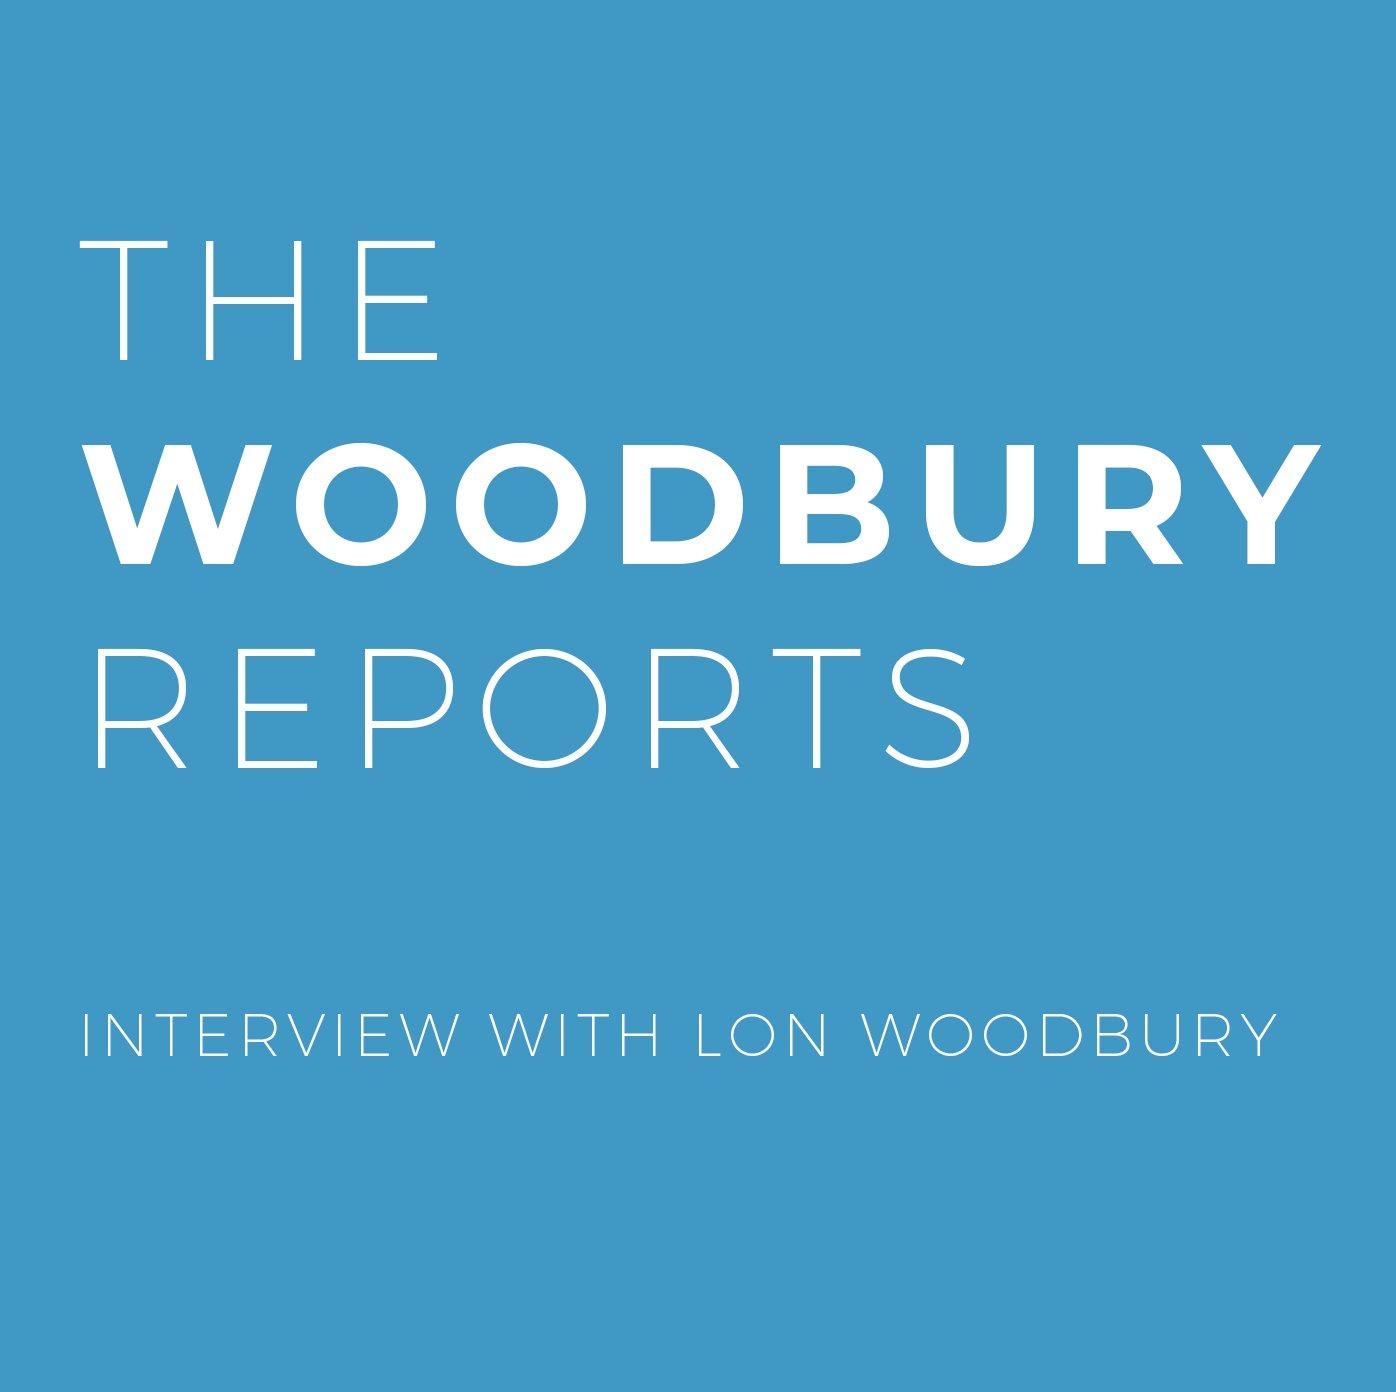 lonwoodbury